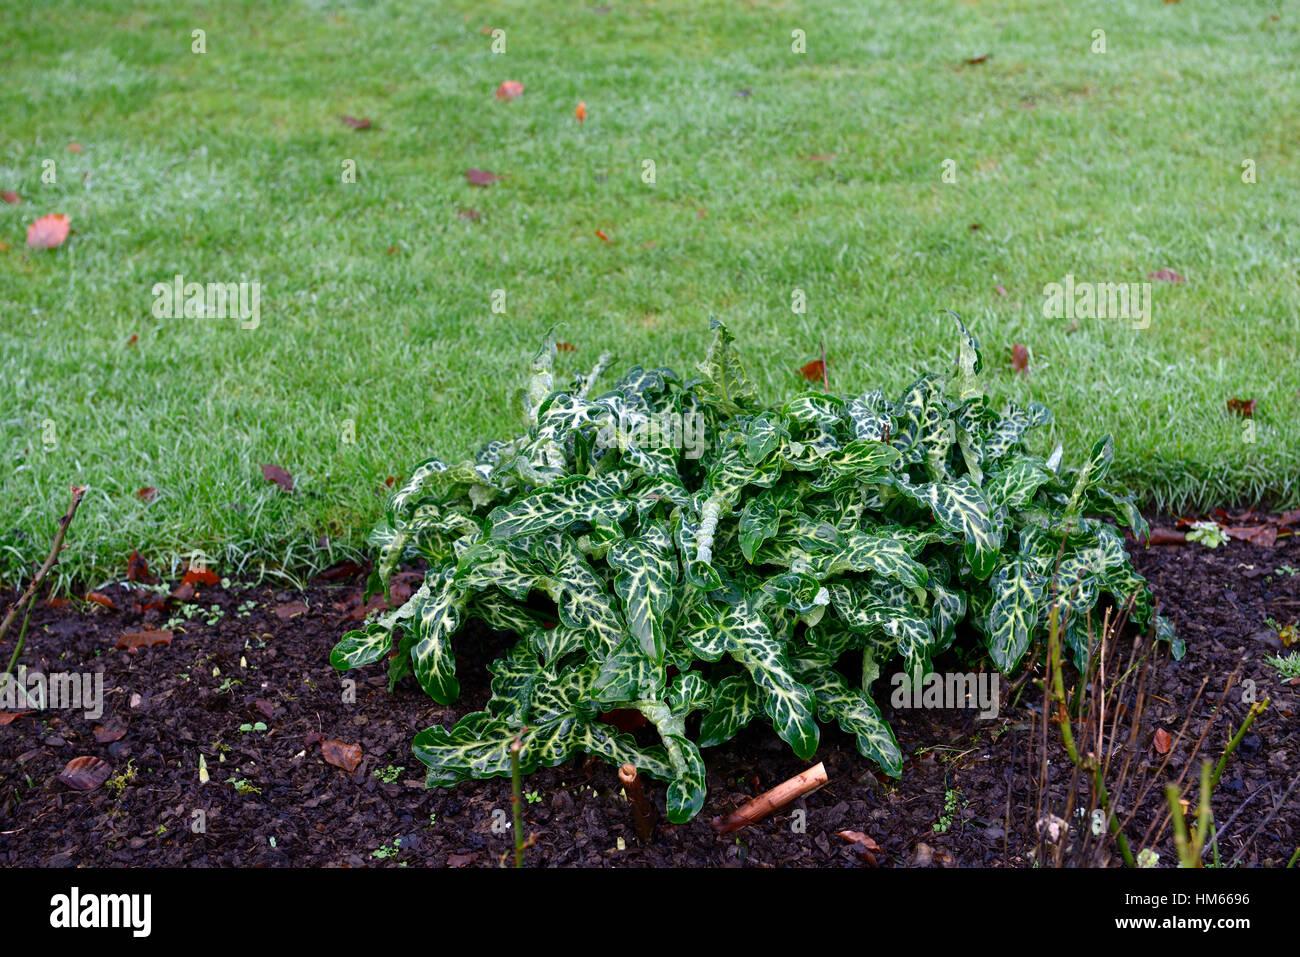 arum italicum subsp italicum marmoratum arum italicum pictum Green White Plant variegated Foliage Leaves Perennials - Stock Image